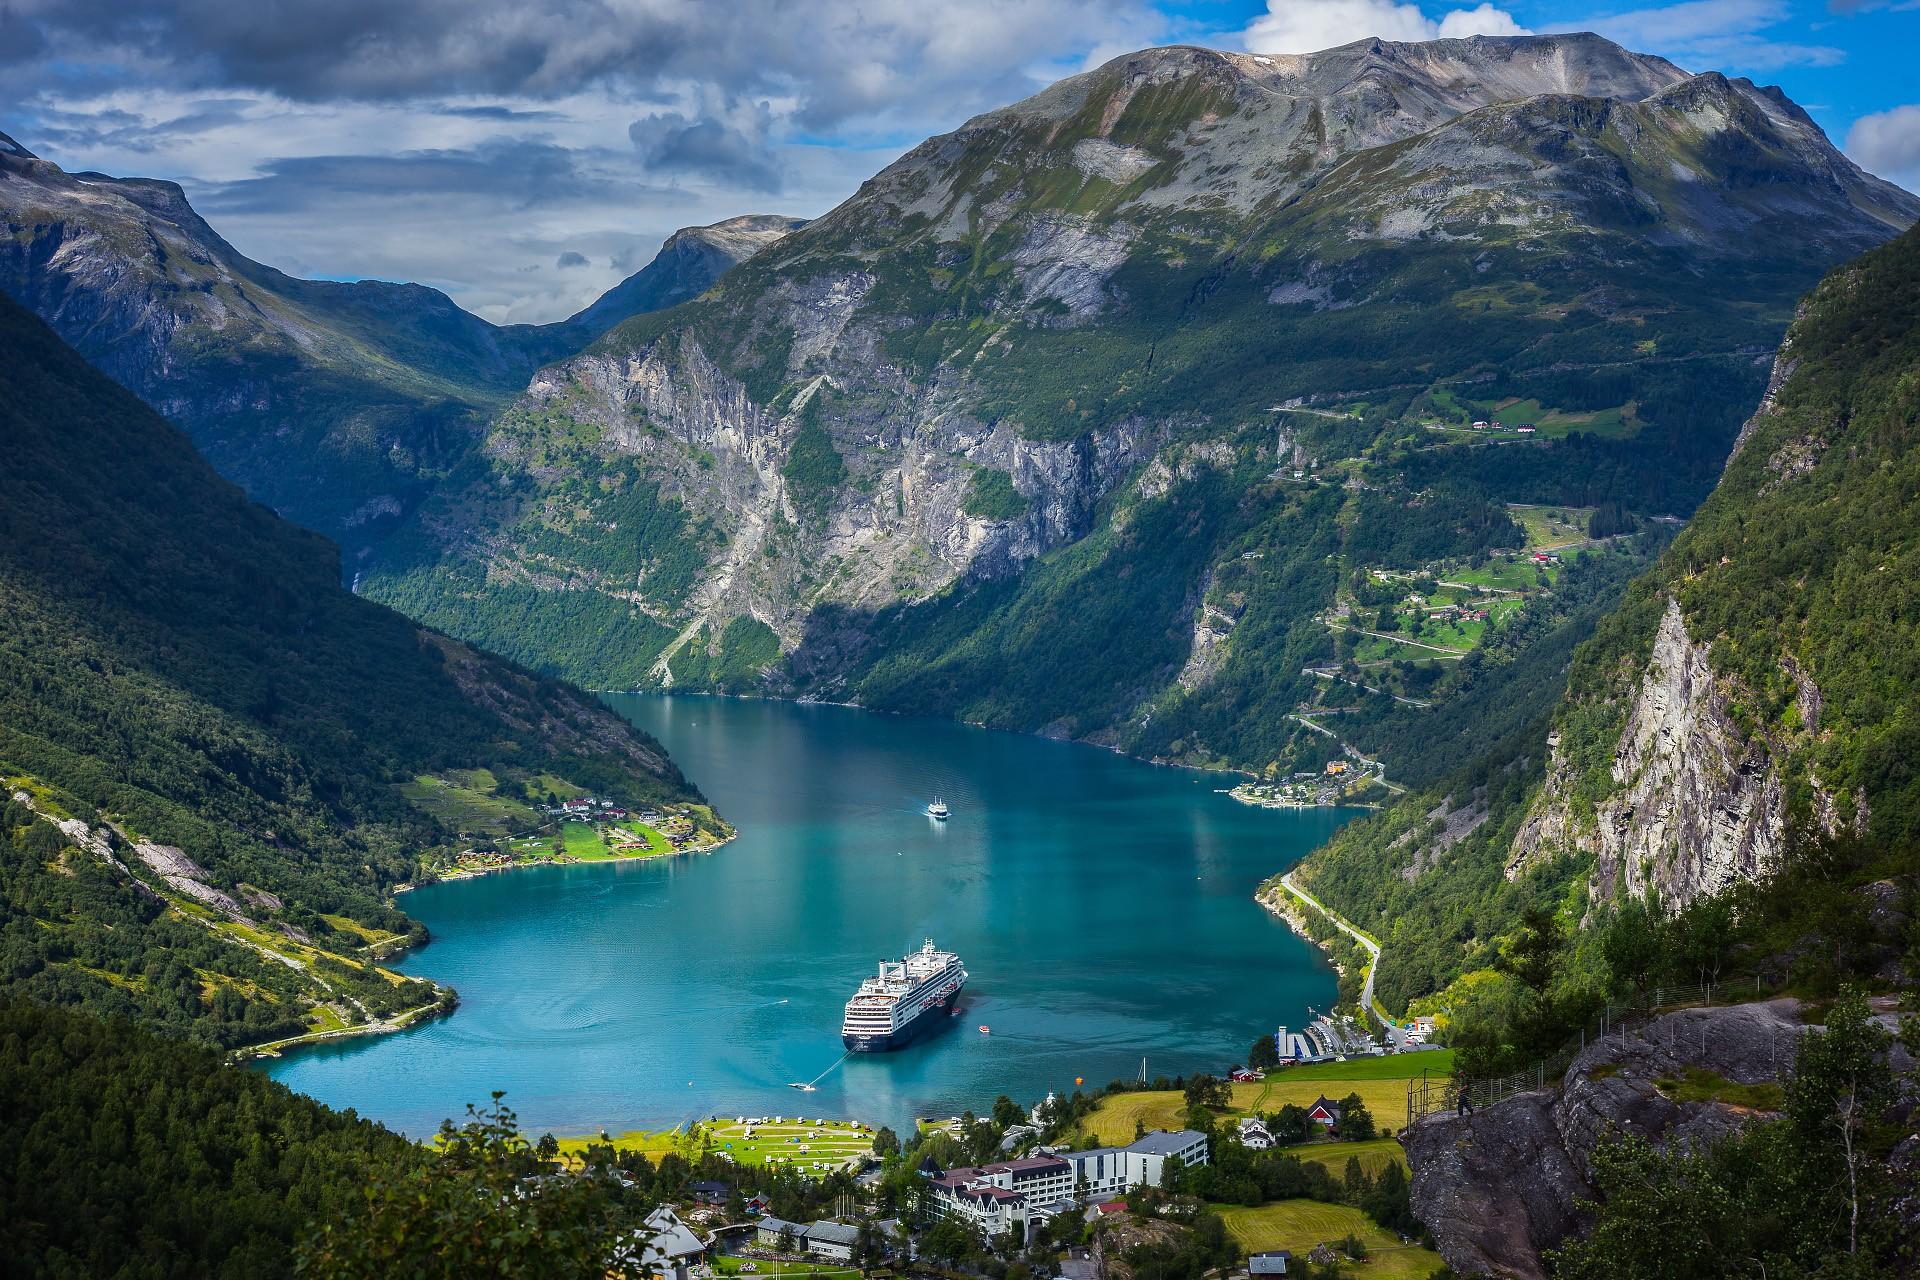 ТОП-20 достопримечательностей в Норвегии: фото с названиями и описанием